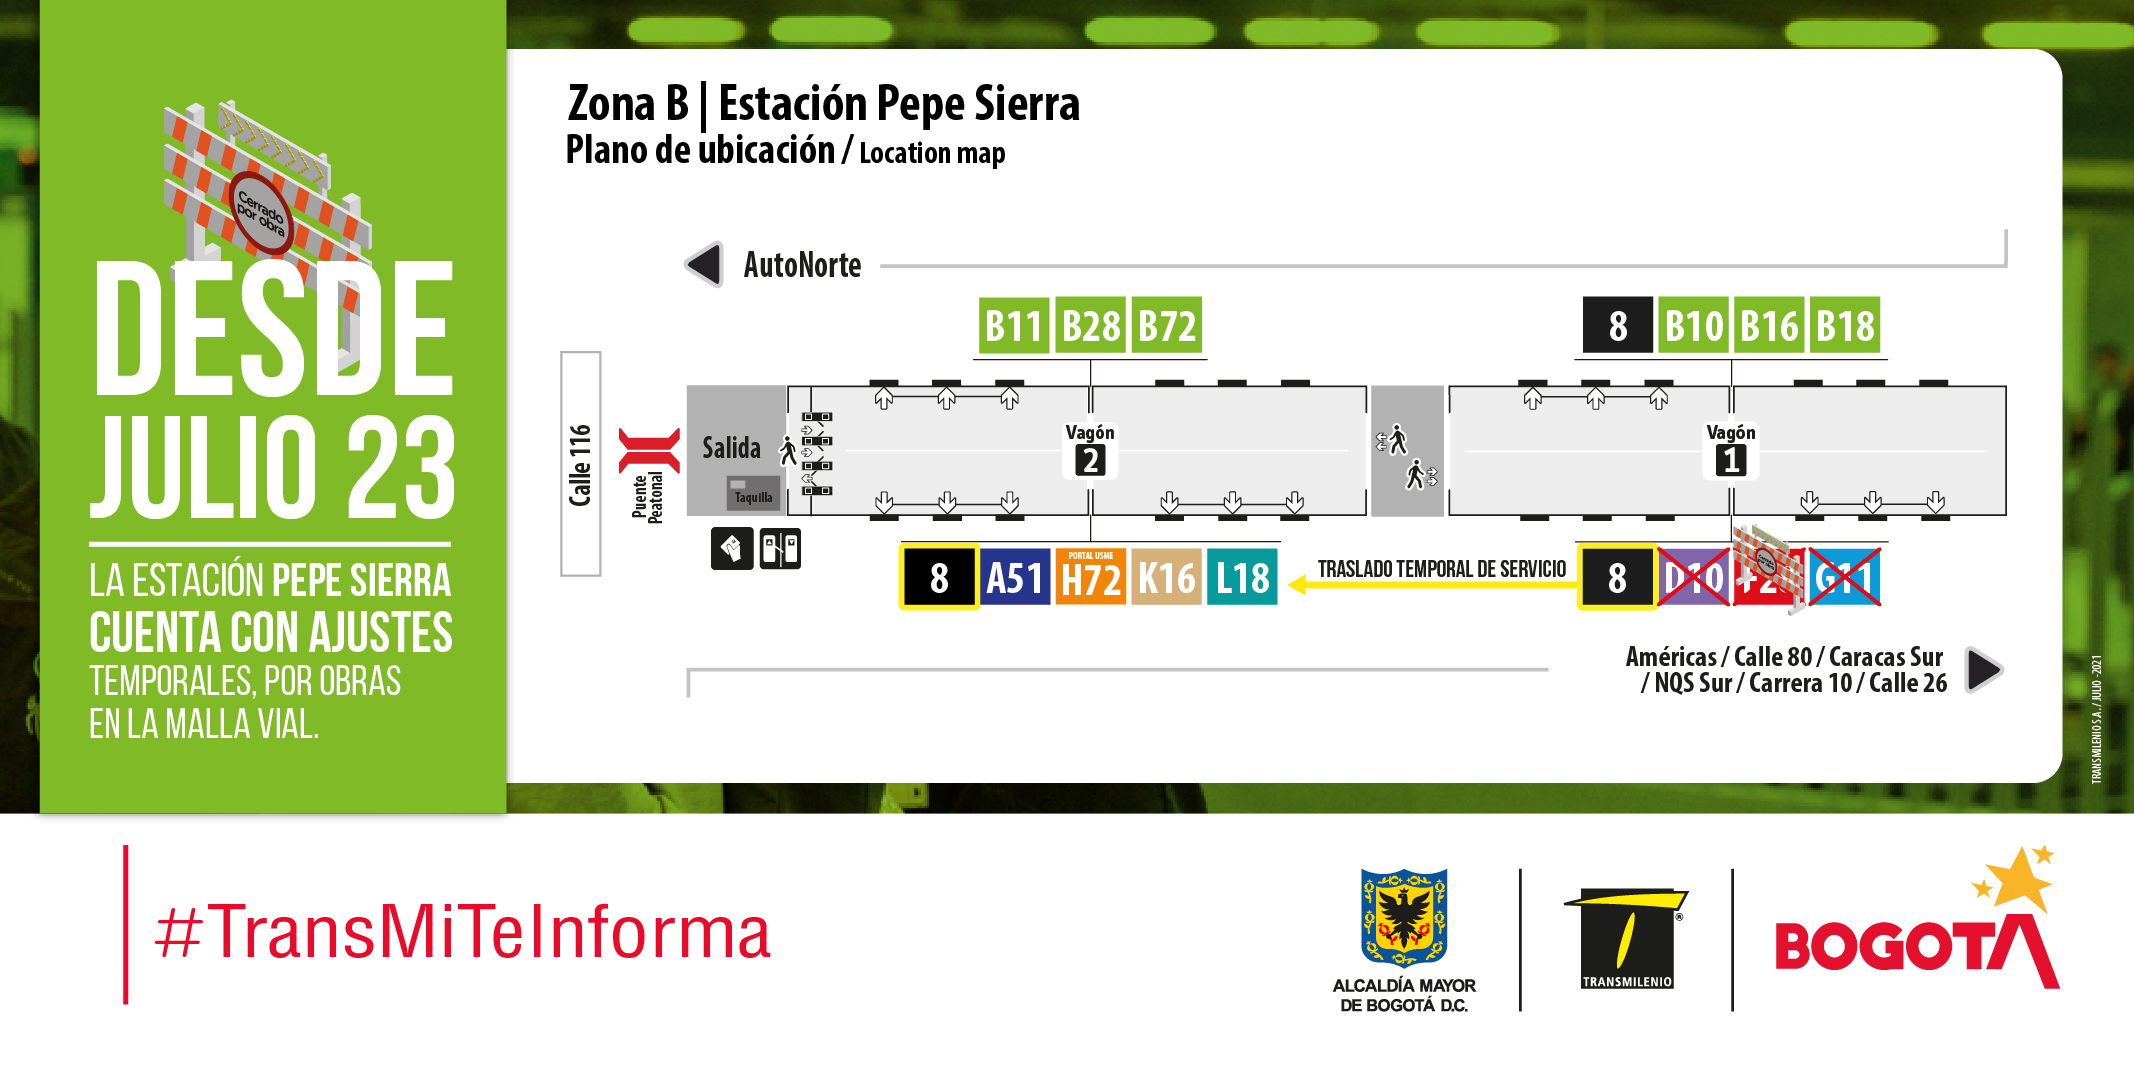 Estación Pepe Sierra cuenta con ajustes temporales